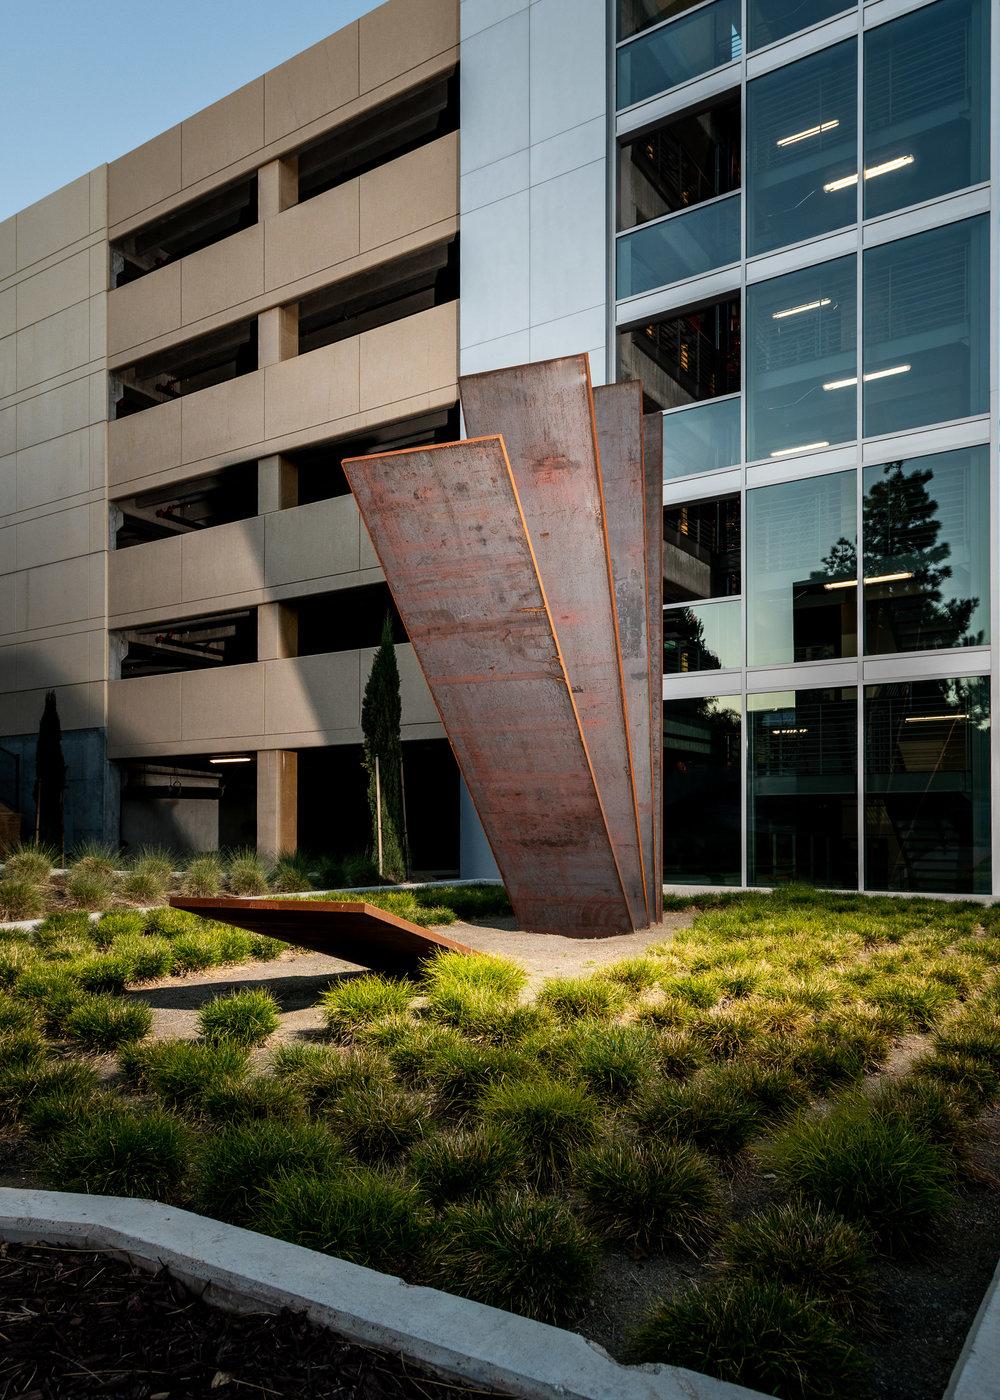 20180217 - San Mateo Sculptures - DTKM - 3709.jpg